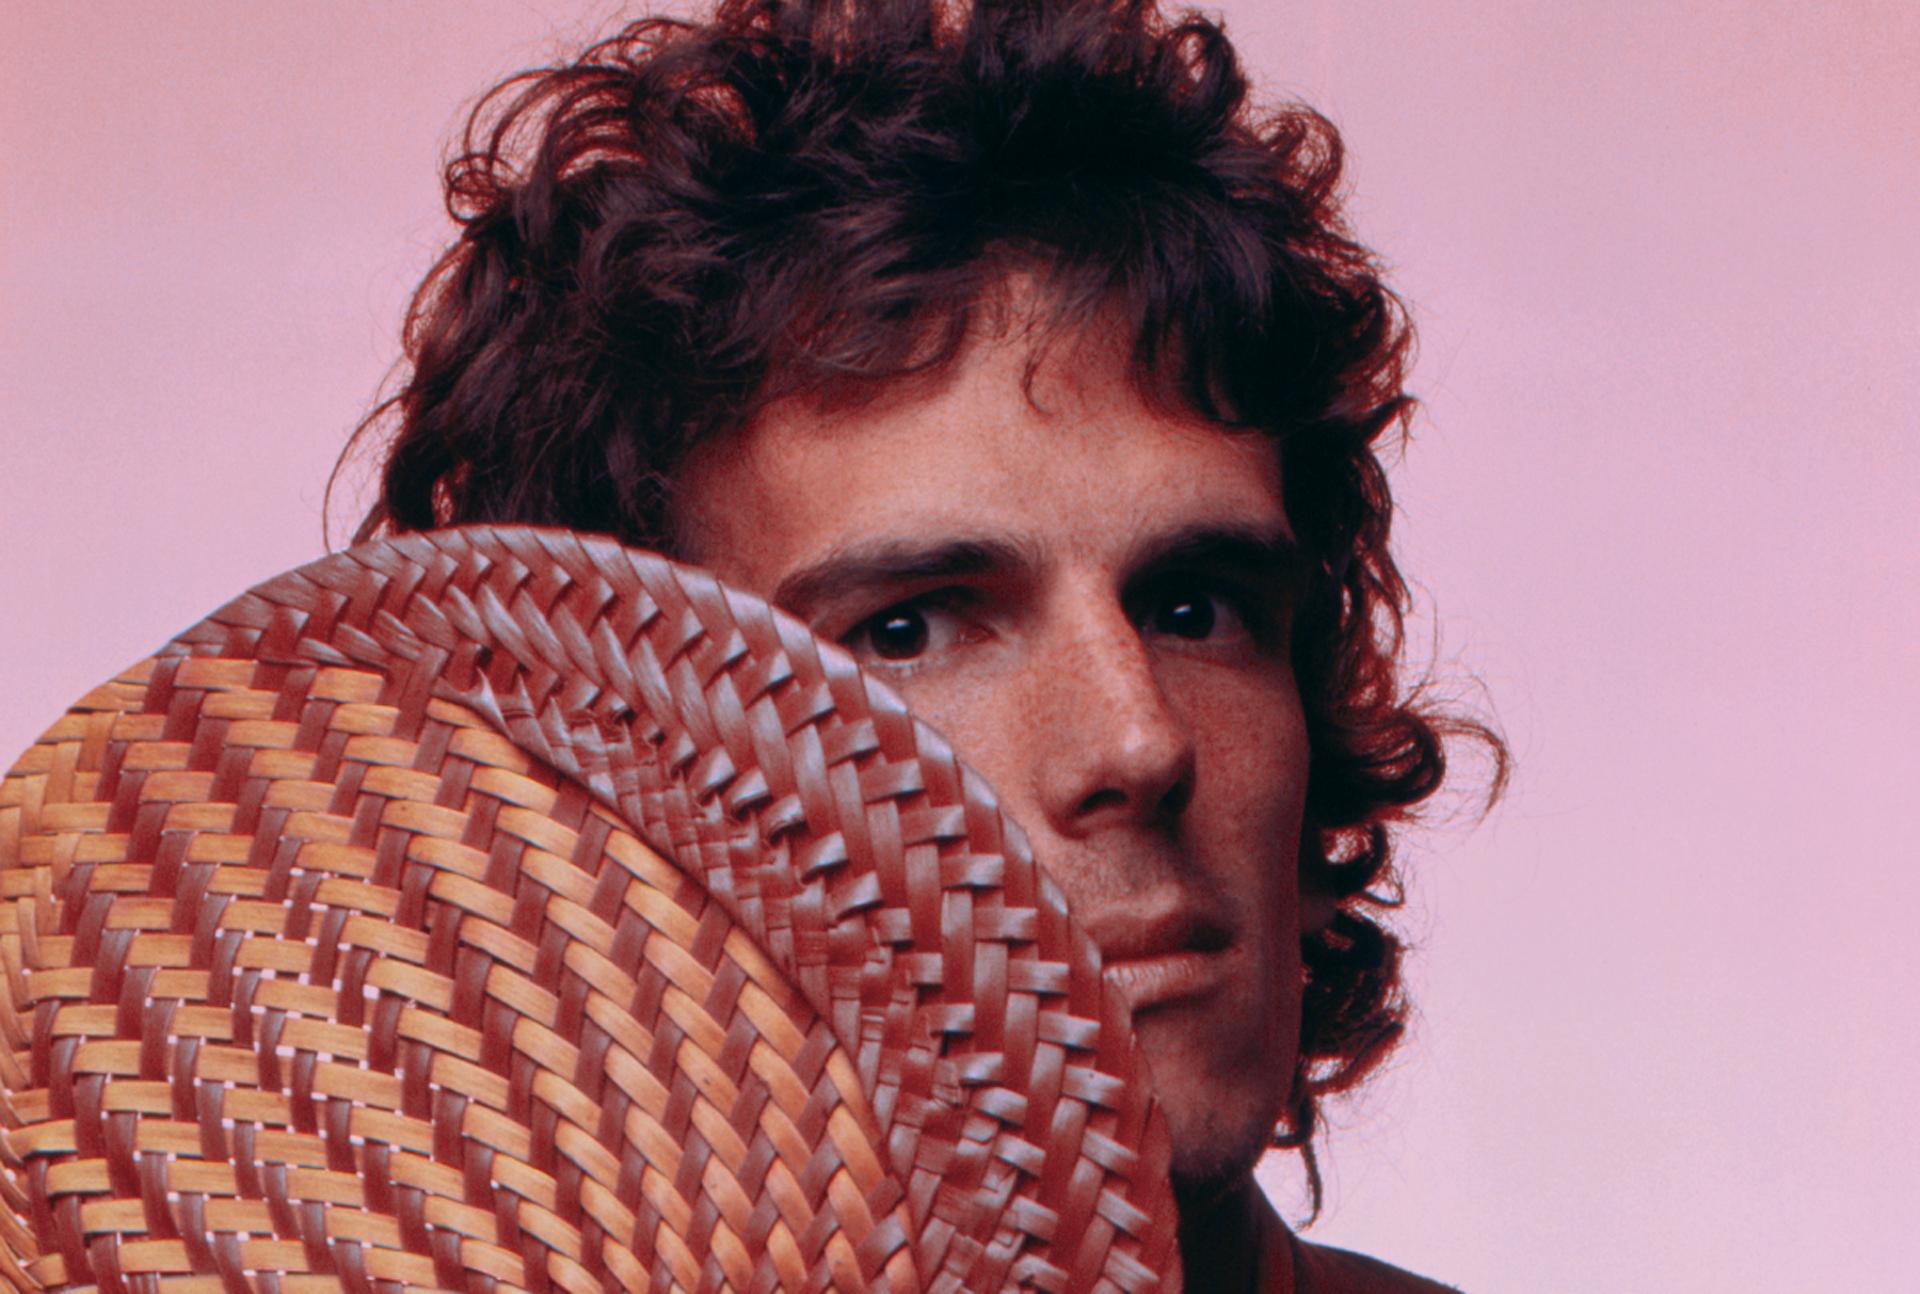 Un recorrido fotográfico por las primeras etapas de los artistas del rock nacional más emblemáticos de la historia argentina